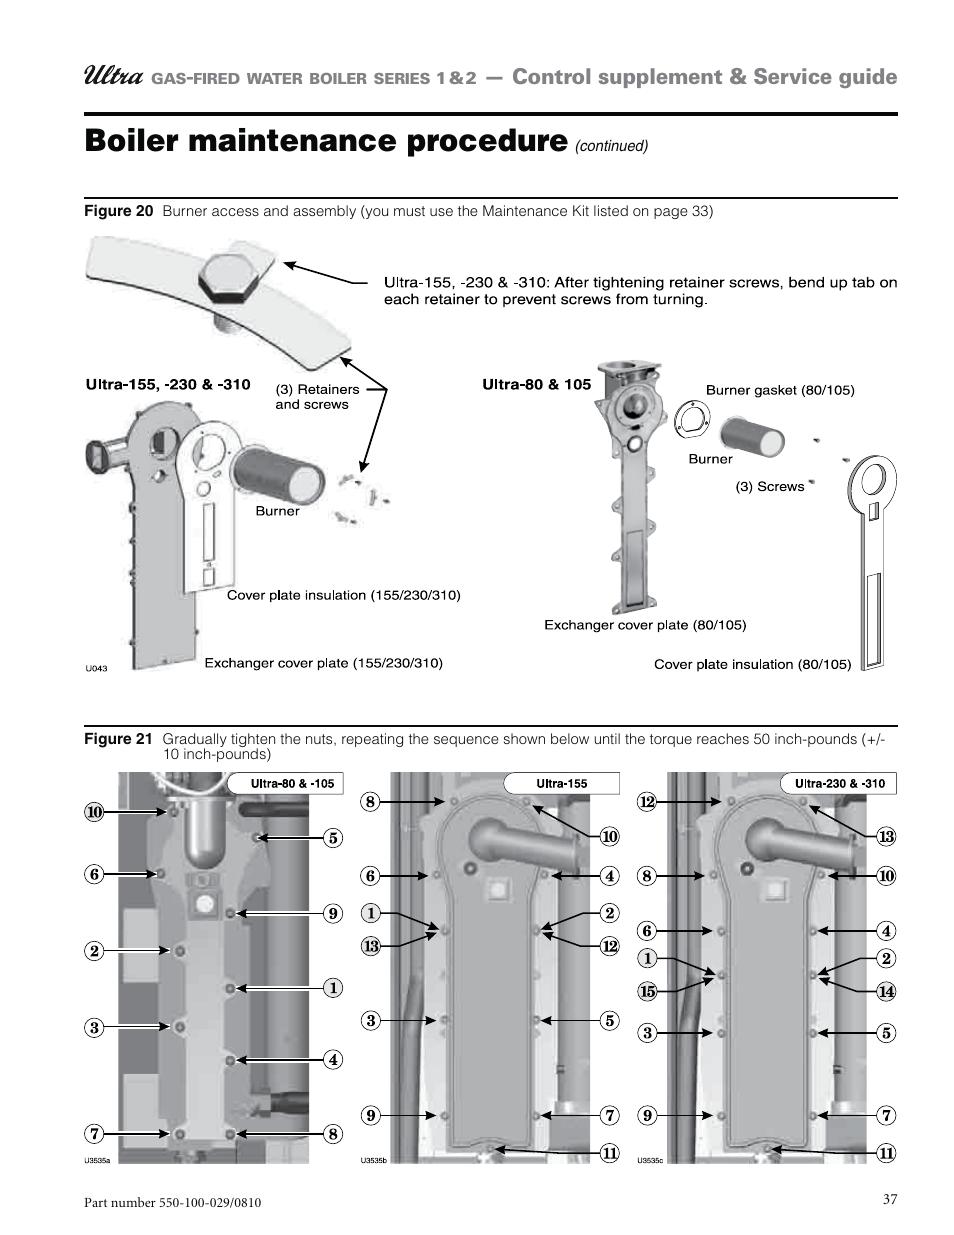 Boiler maintenance procedure, Control supplement & service guide | Weil- McLain ULTRA 230 User